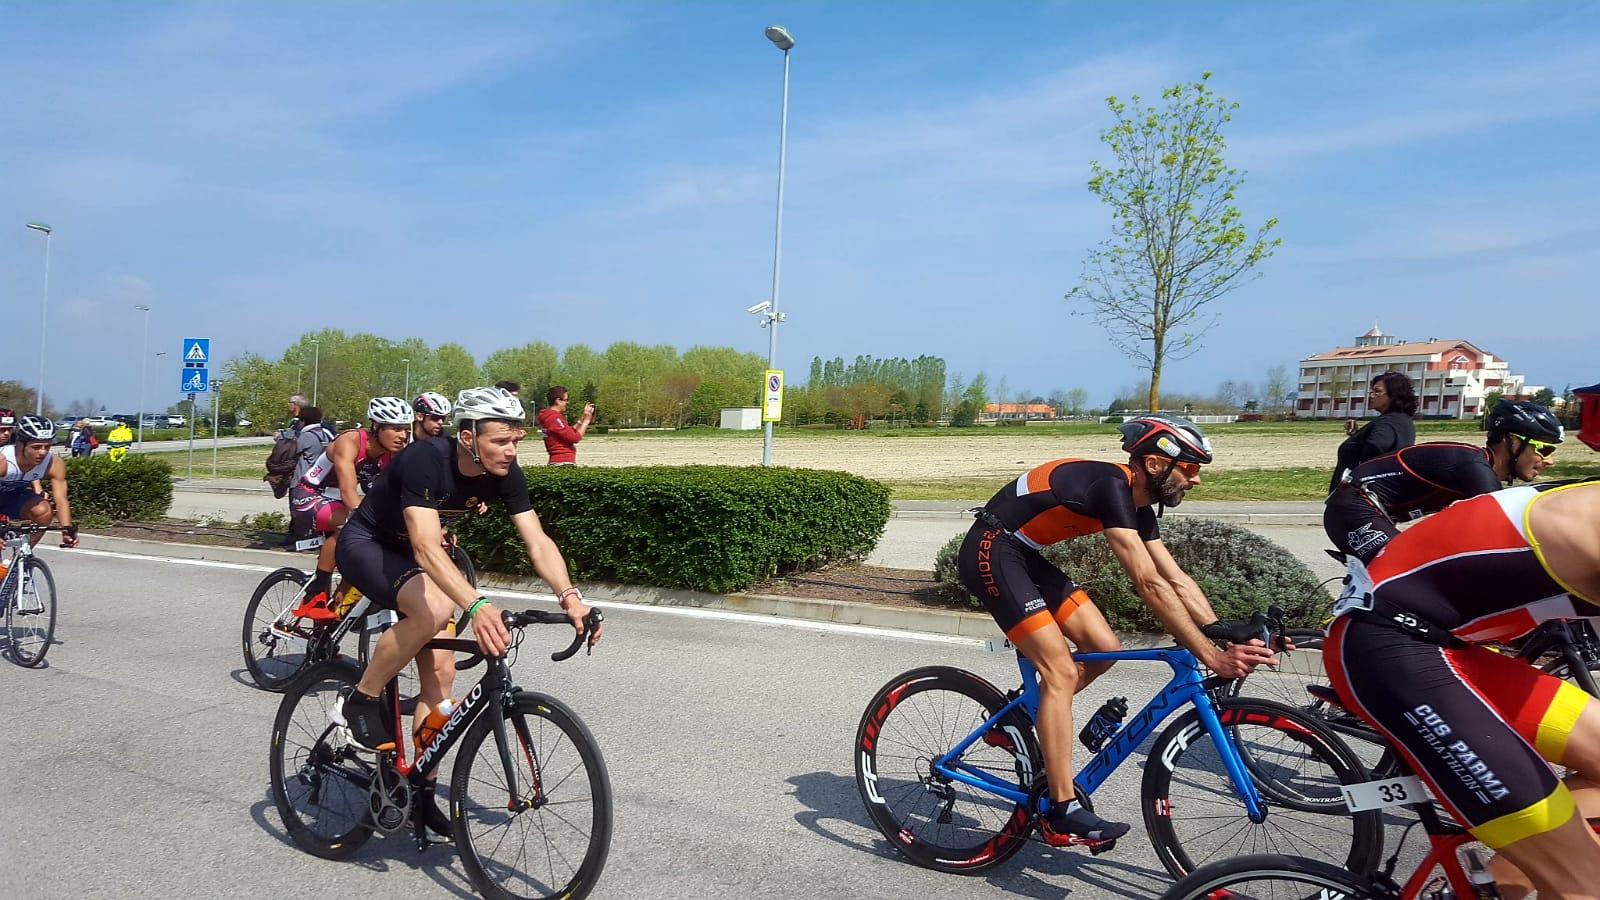 Ottimi risultati per i Granbiker al C.I. Duathlon Sprint e non solo…